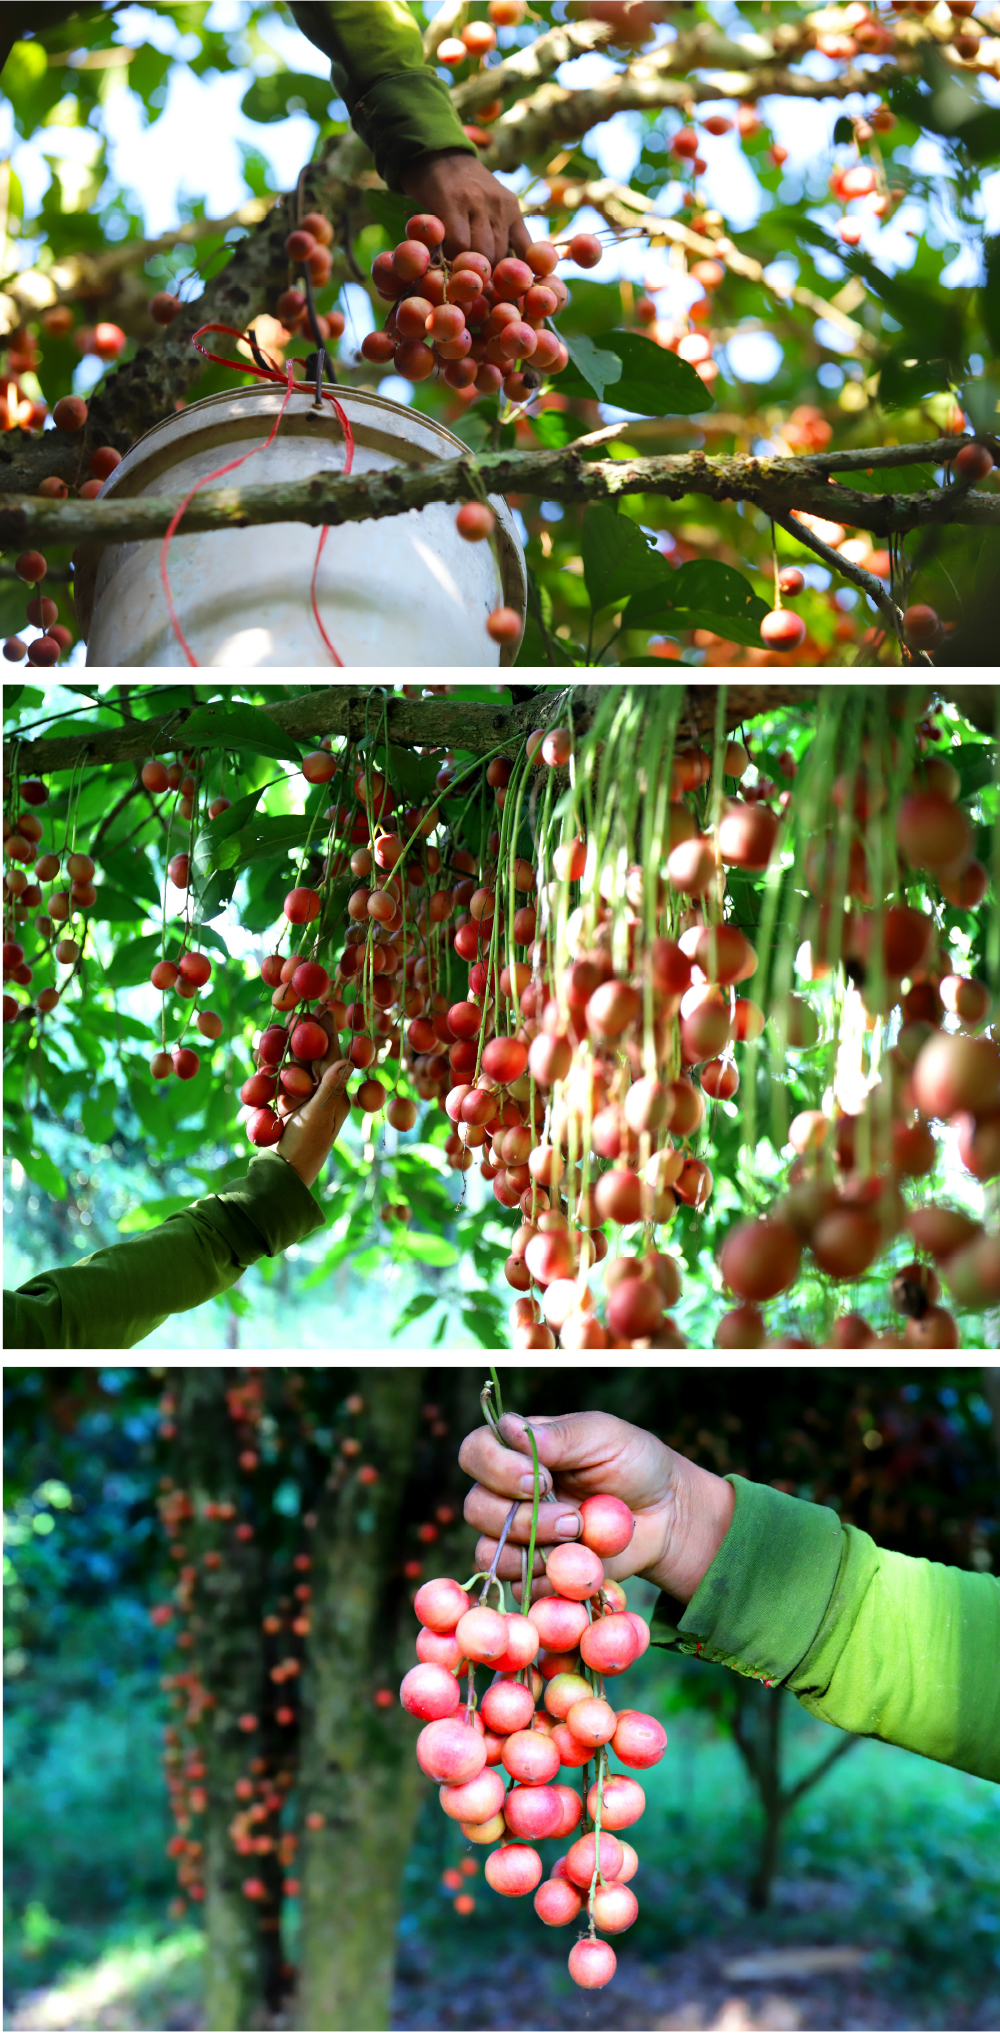 Ngất ngây vẻ đẹp vườn dâu da mùa thu hoạch ảnh 13